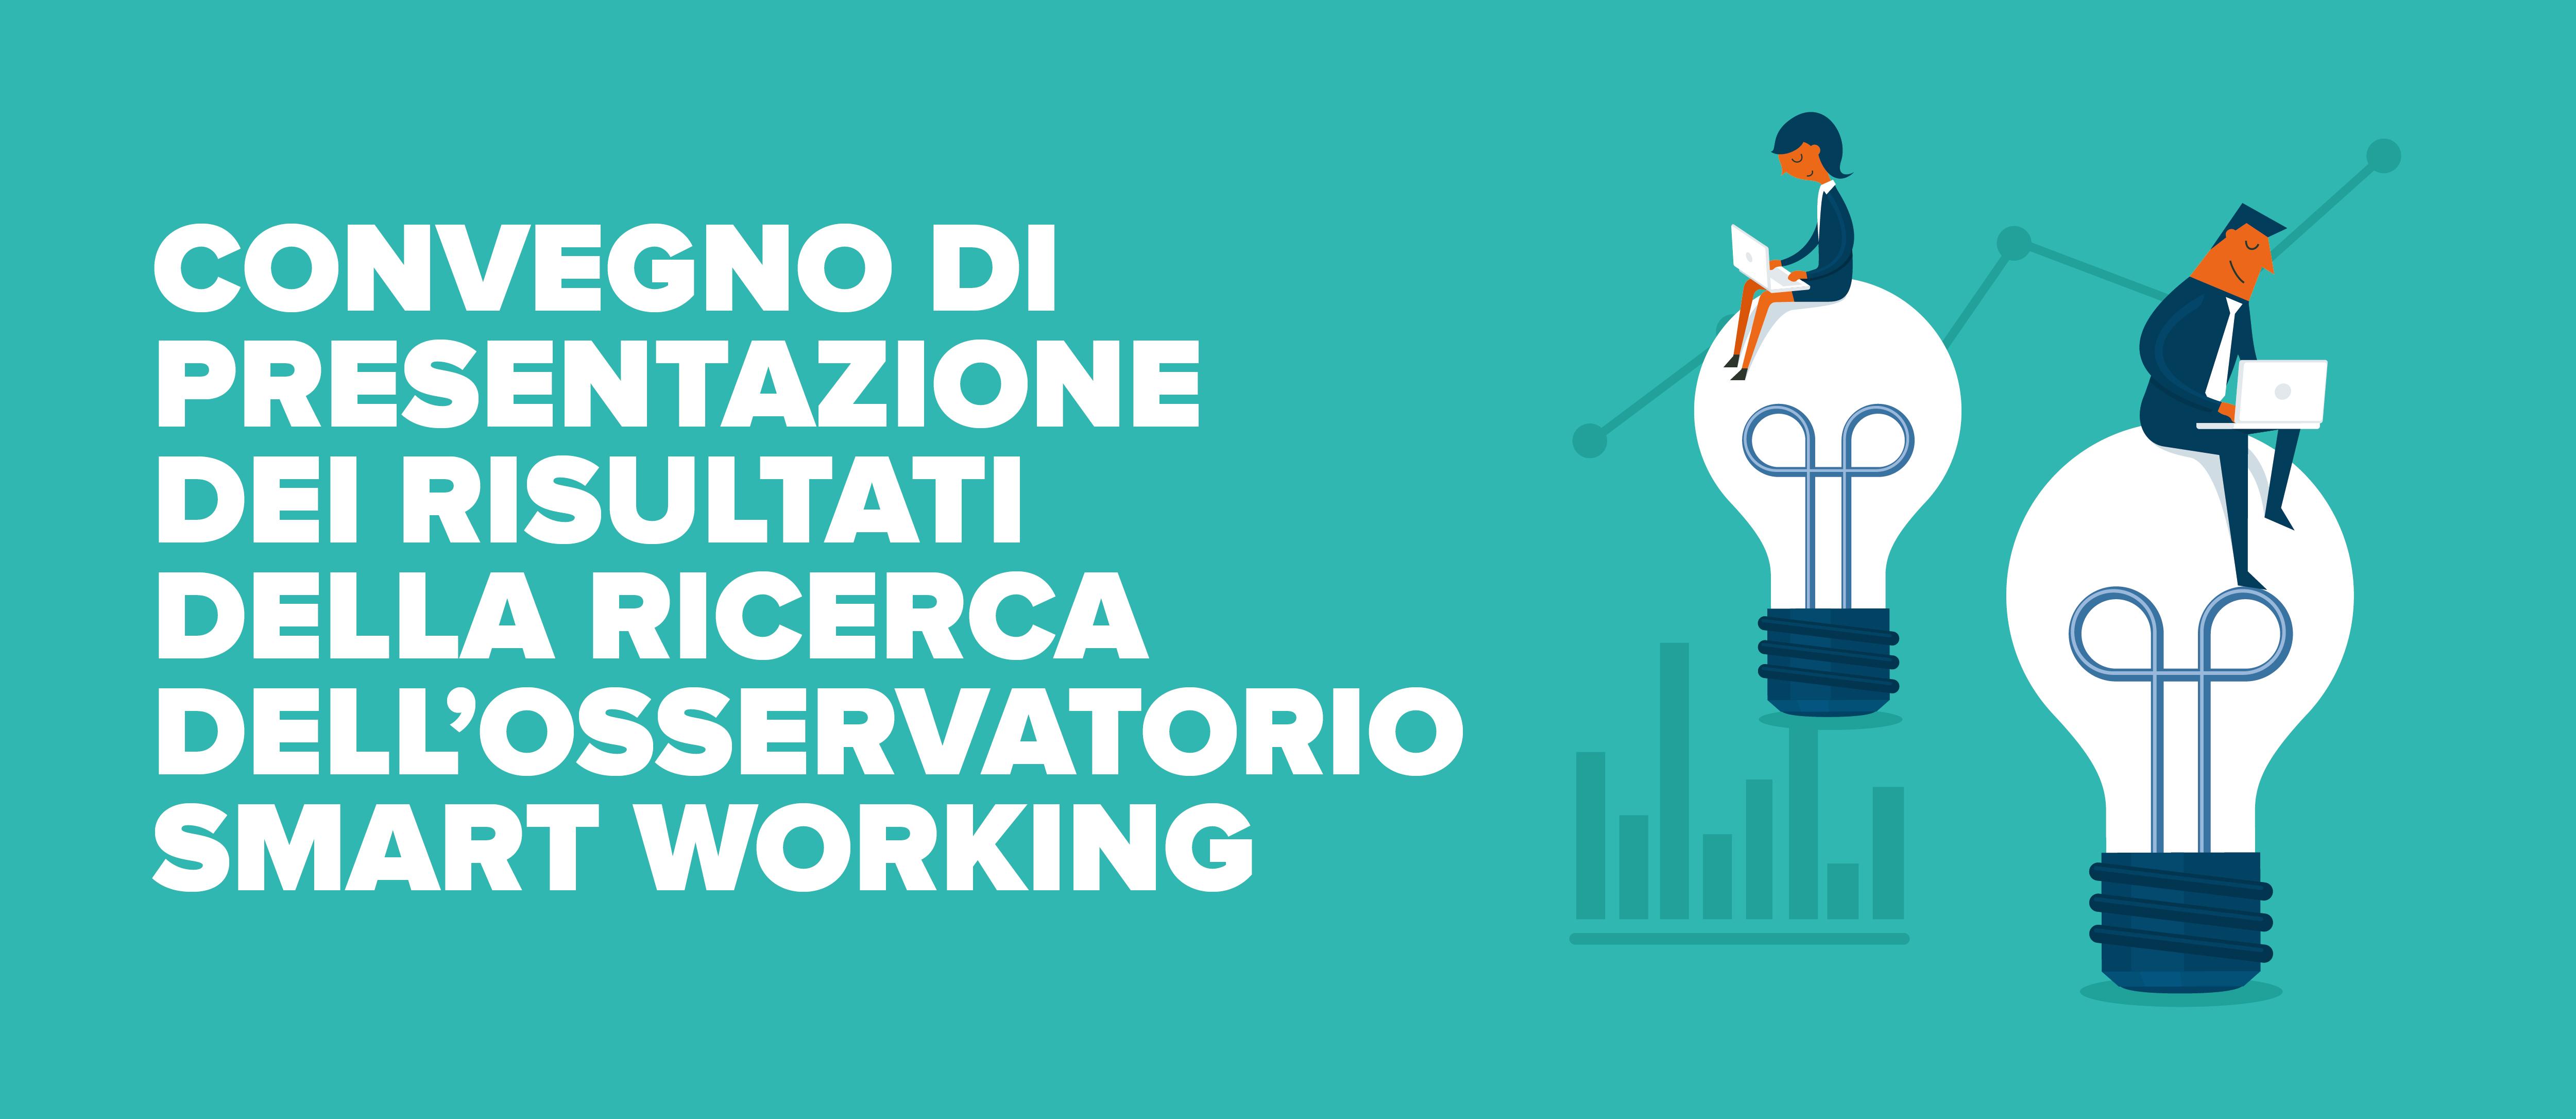 SMART-WORKING-report-01.jpg 0